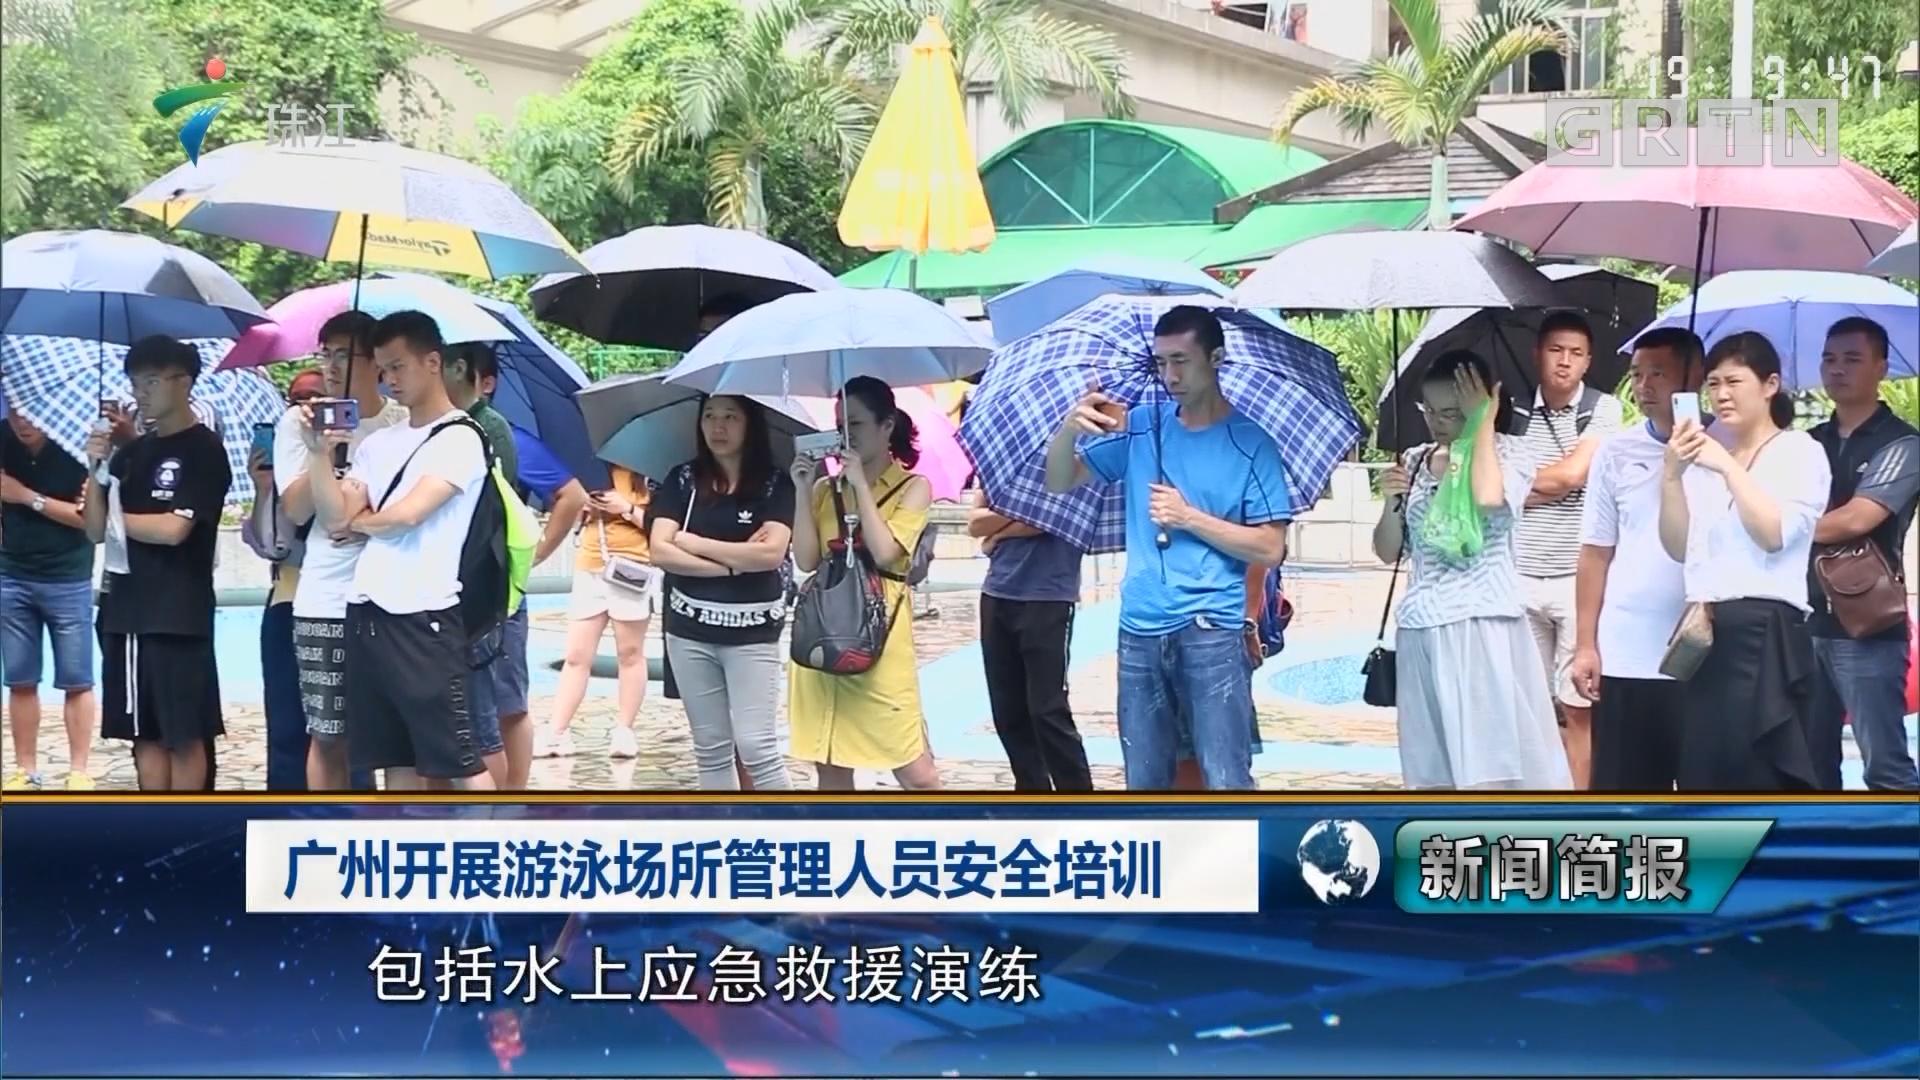 广州开展游泳场所管理人员安全培训